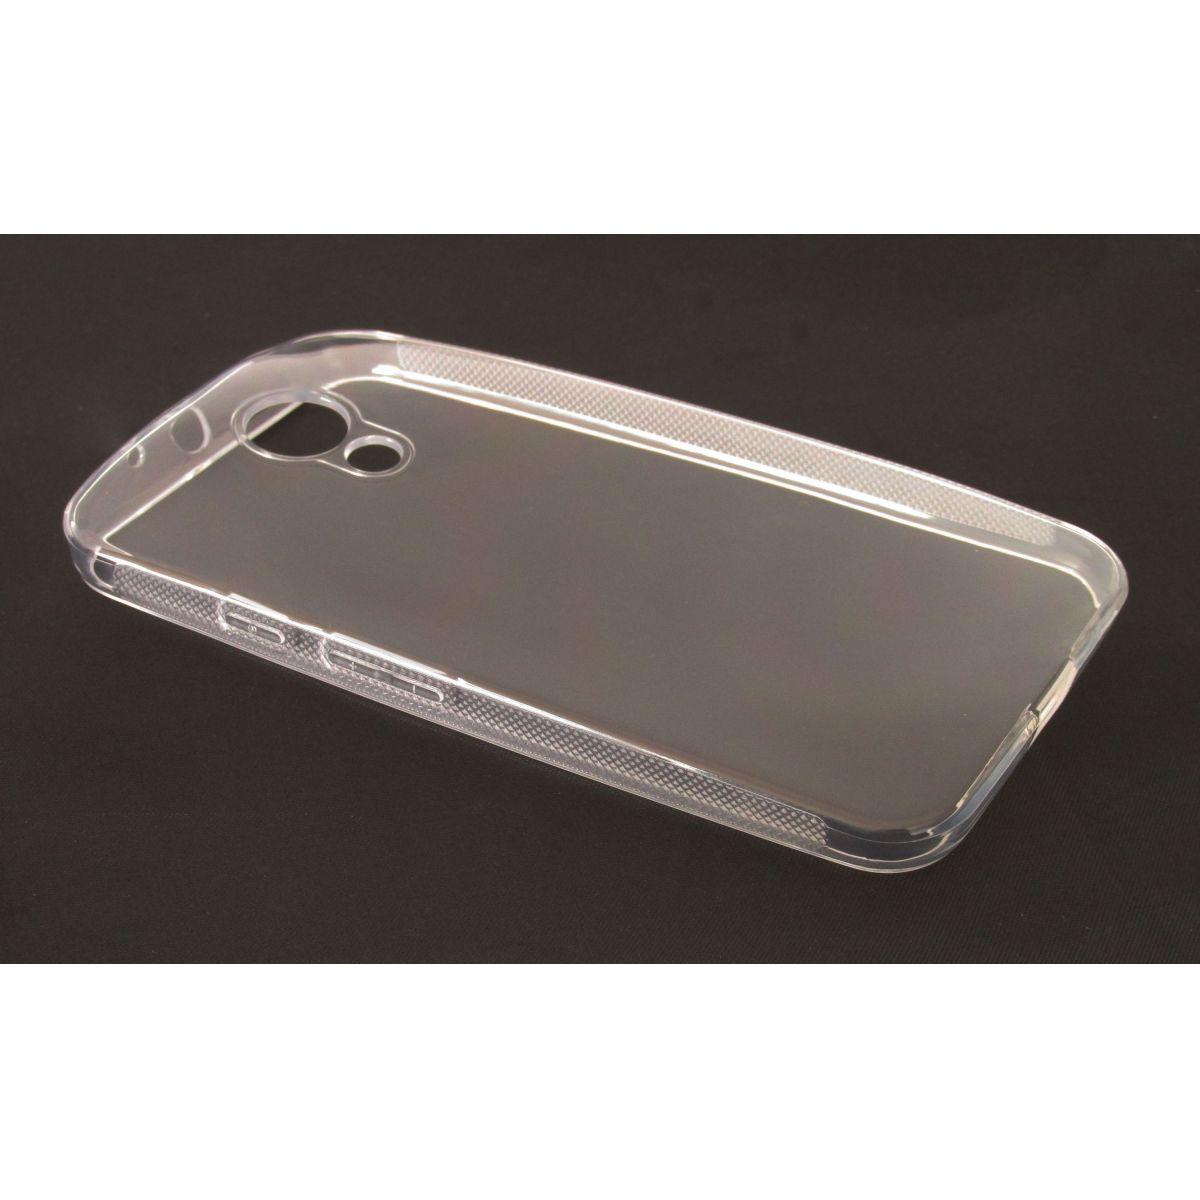 Capa TPU Transparente Motorola Moto G2 Xt1069 + Película Flexível